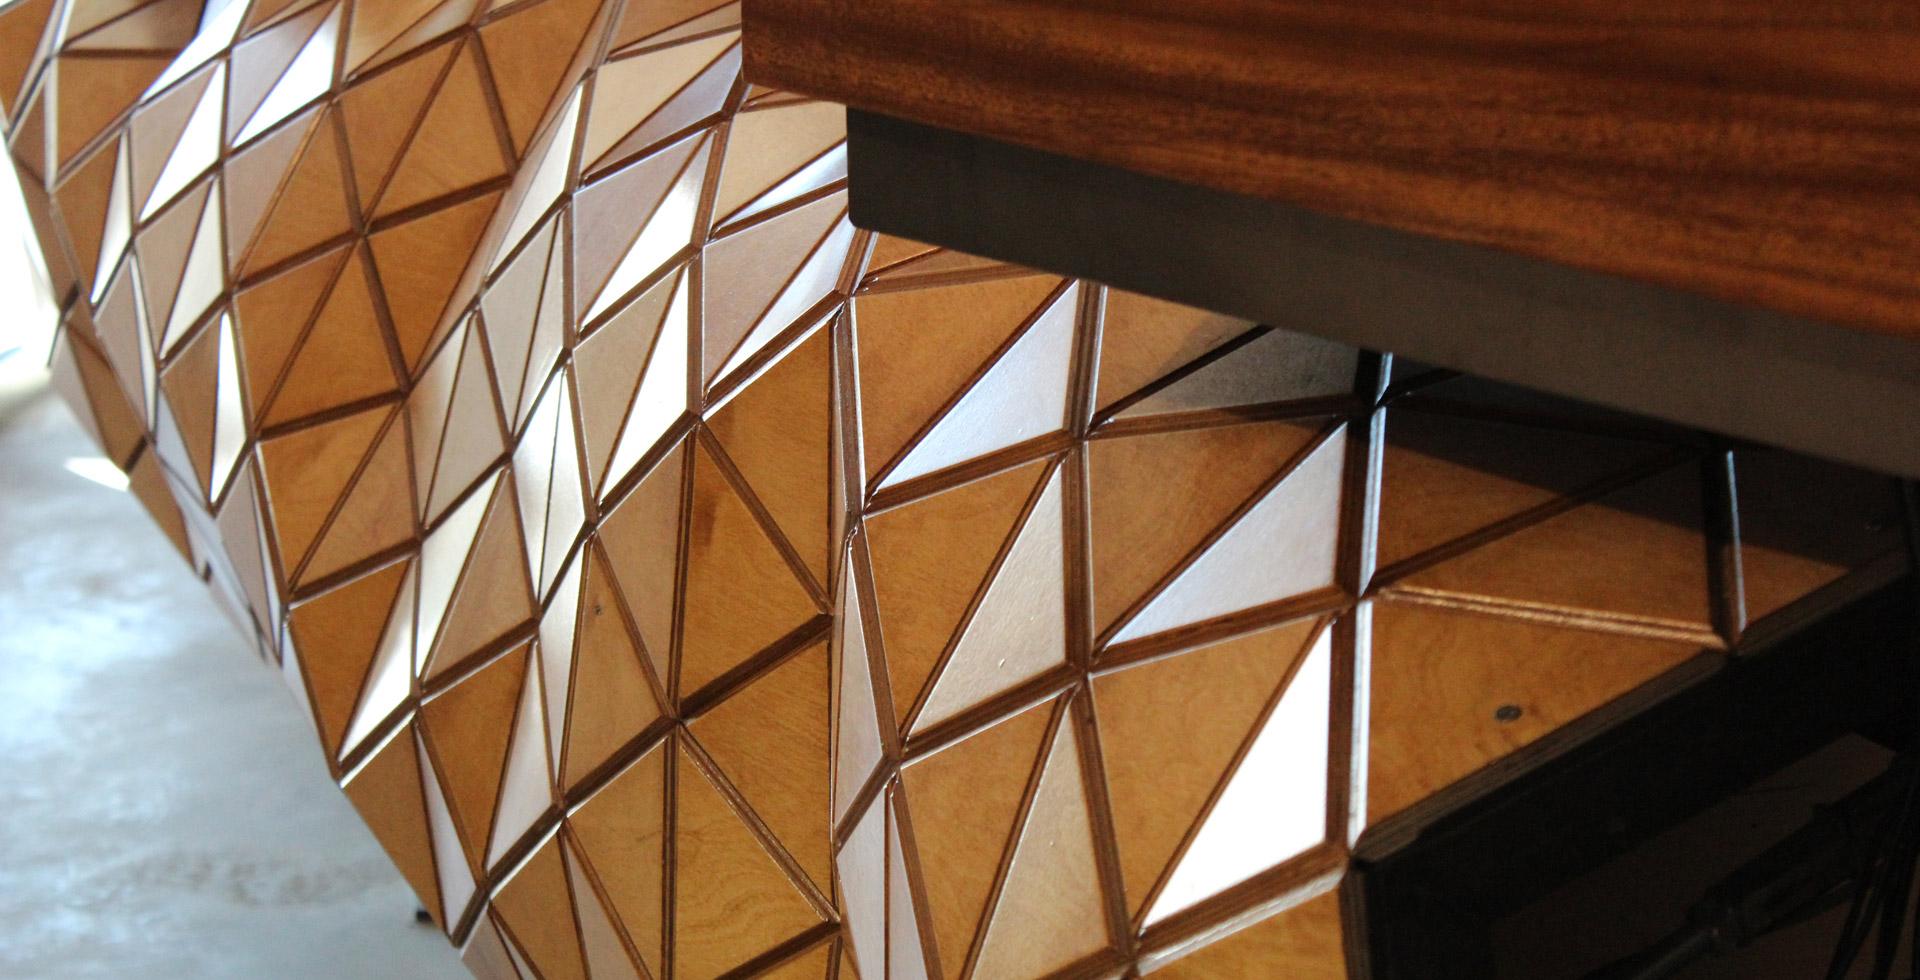 Wood-Skin: 图片 1